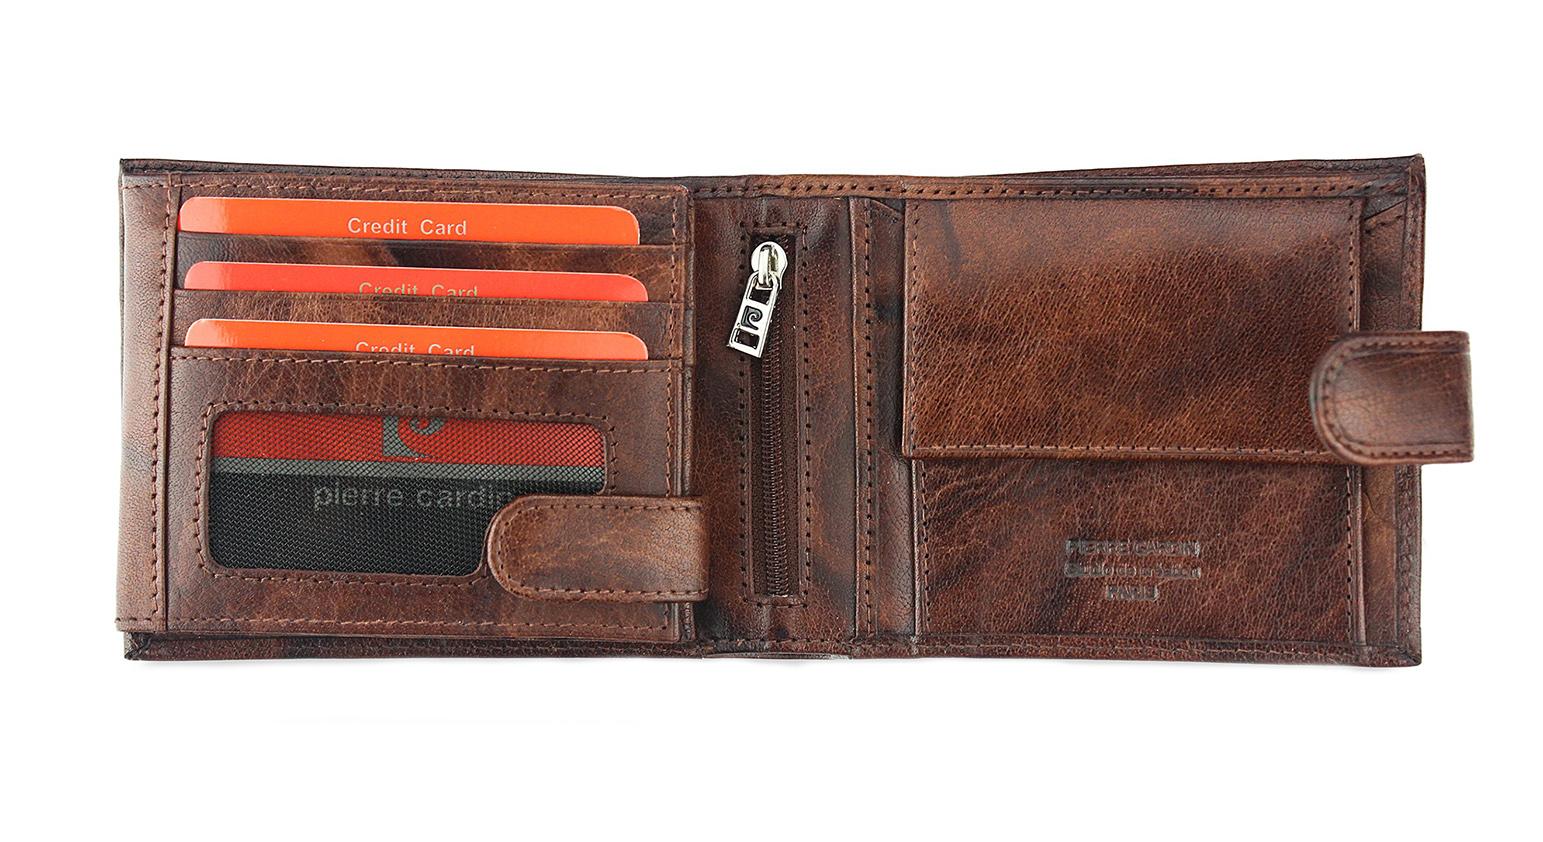 054673860eb40 PIERRE CARDIN 910-z zapinany skórzany portfel męski to najlepsze ...